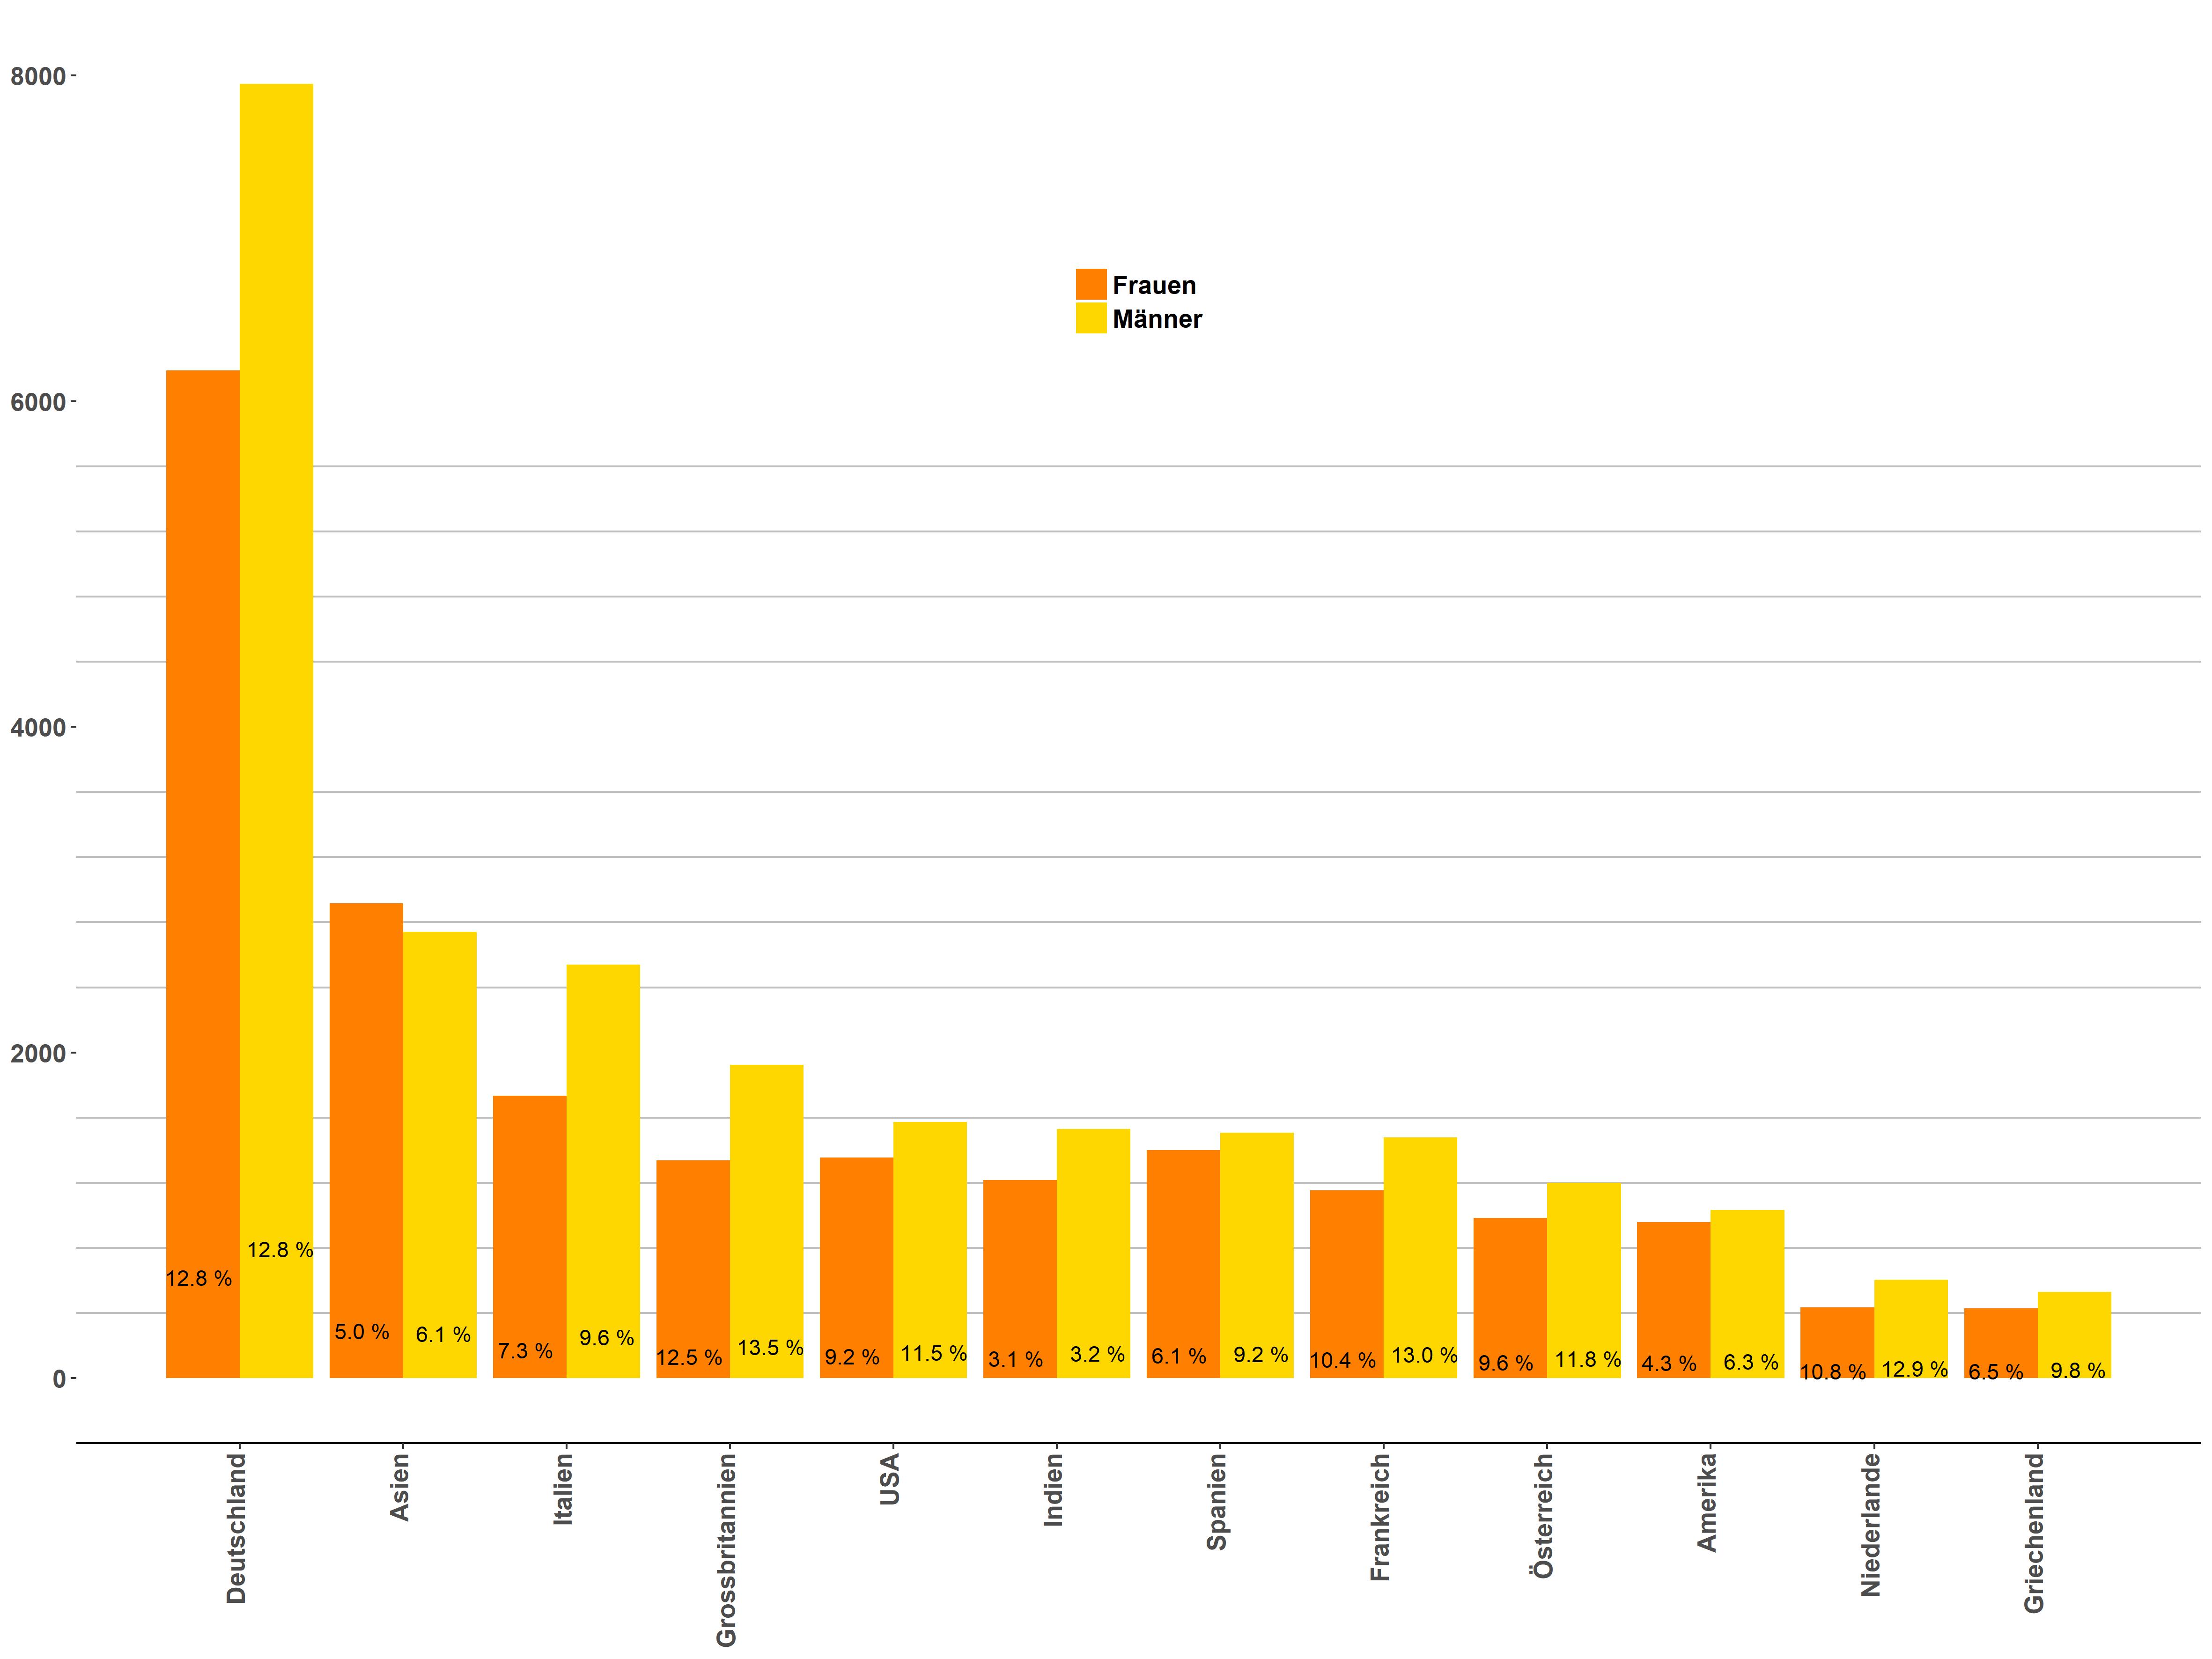 Deutsche stadt mit den meisten single männern